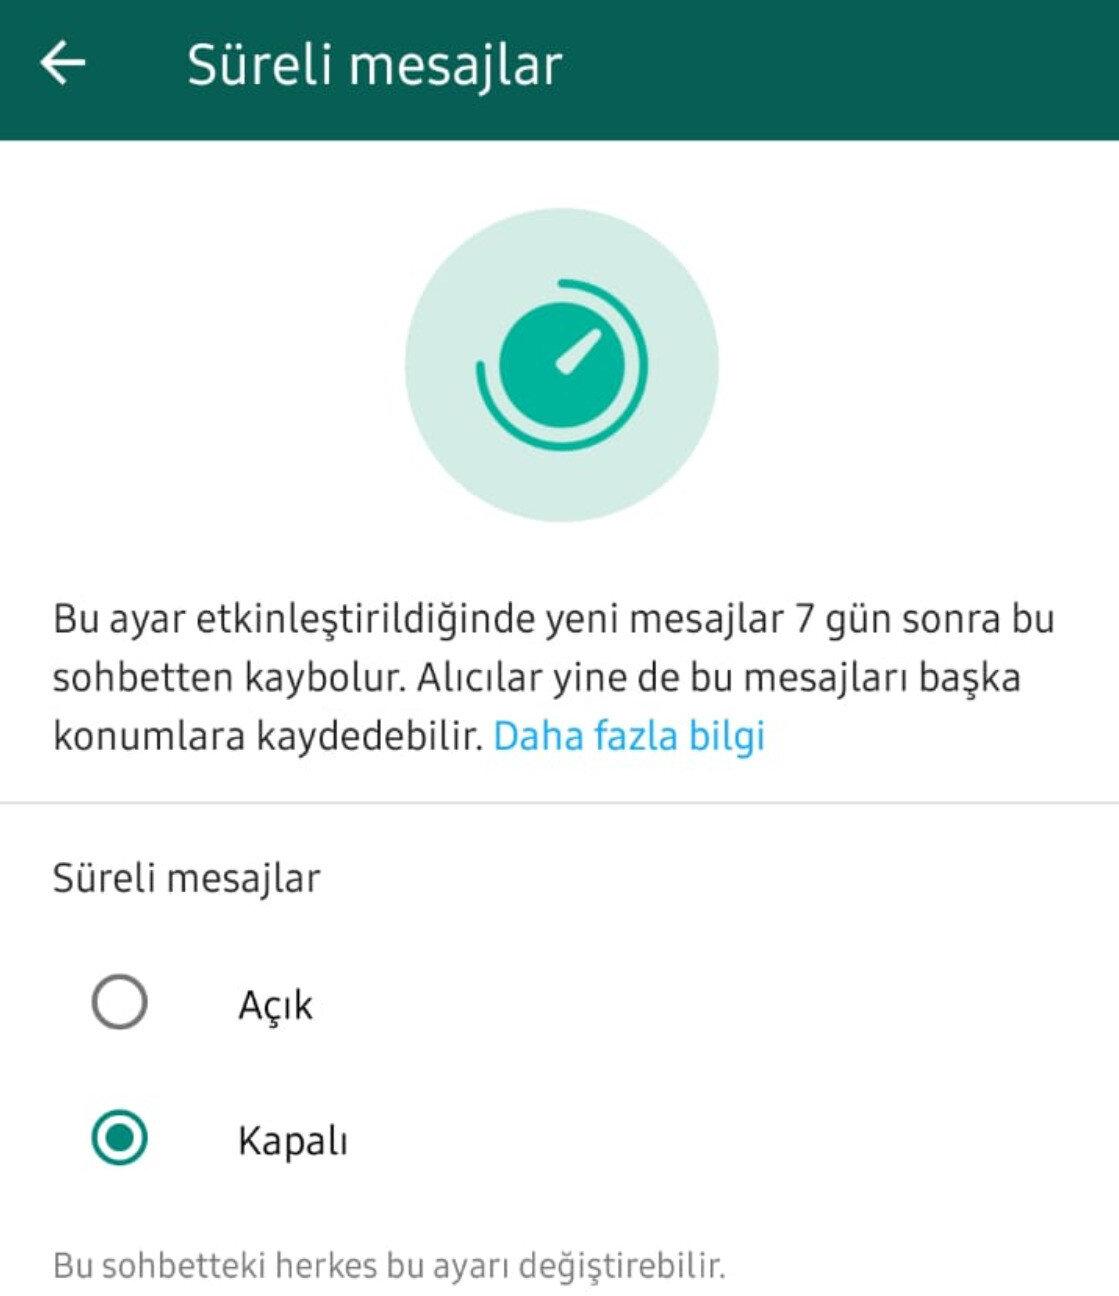 WhatsApp'ın Kaybolan Mesajlar özelliğinde mesajların iletildiği WhatsApp hesabına 7 gün giriş yapılmazsa içerikler otomatik olarak siliniyor.